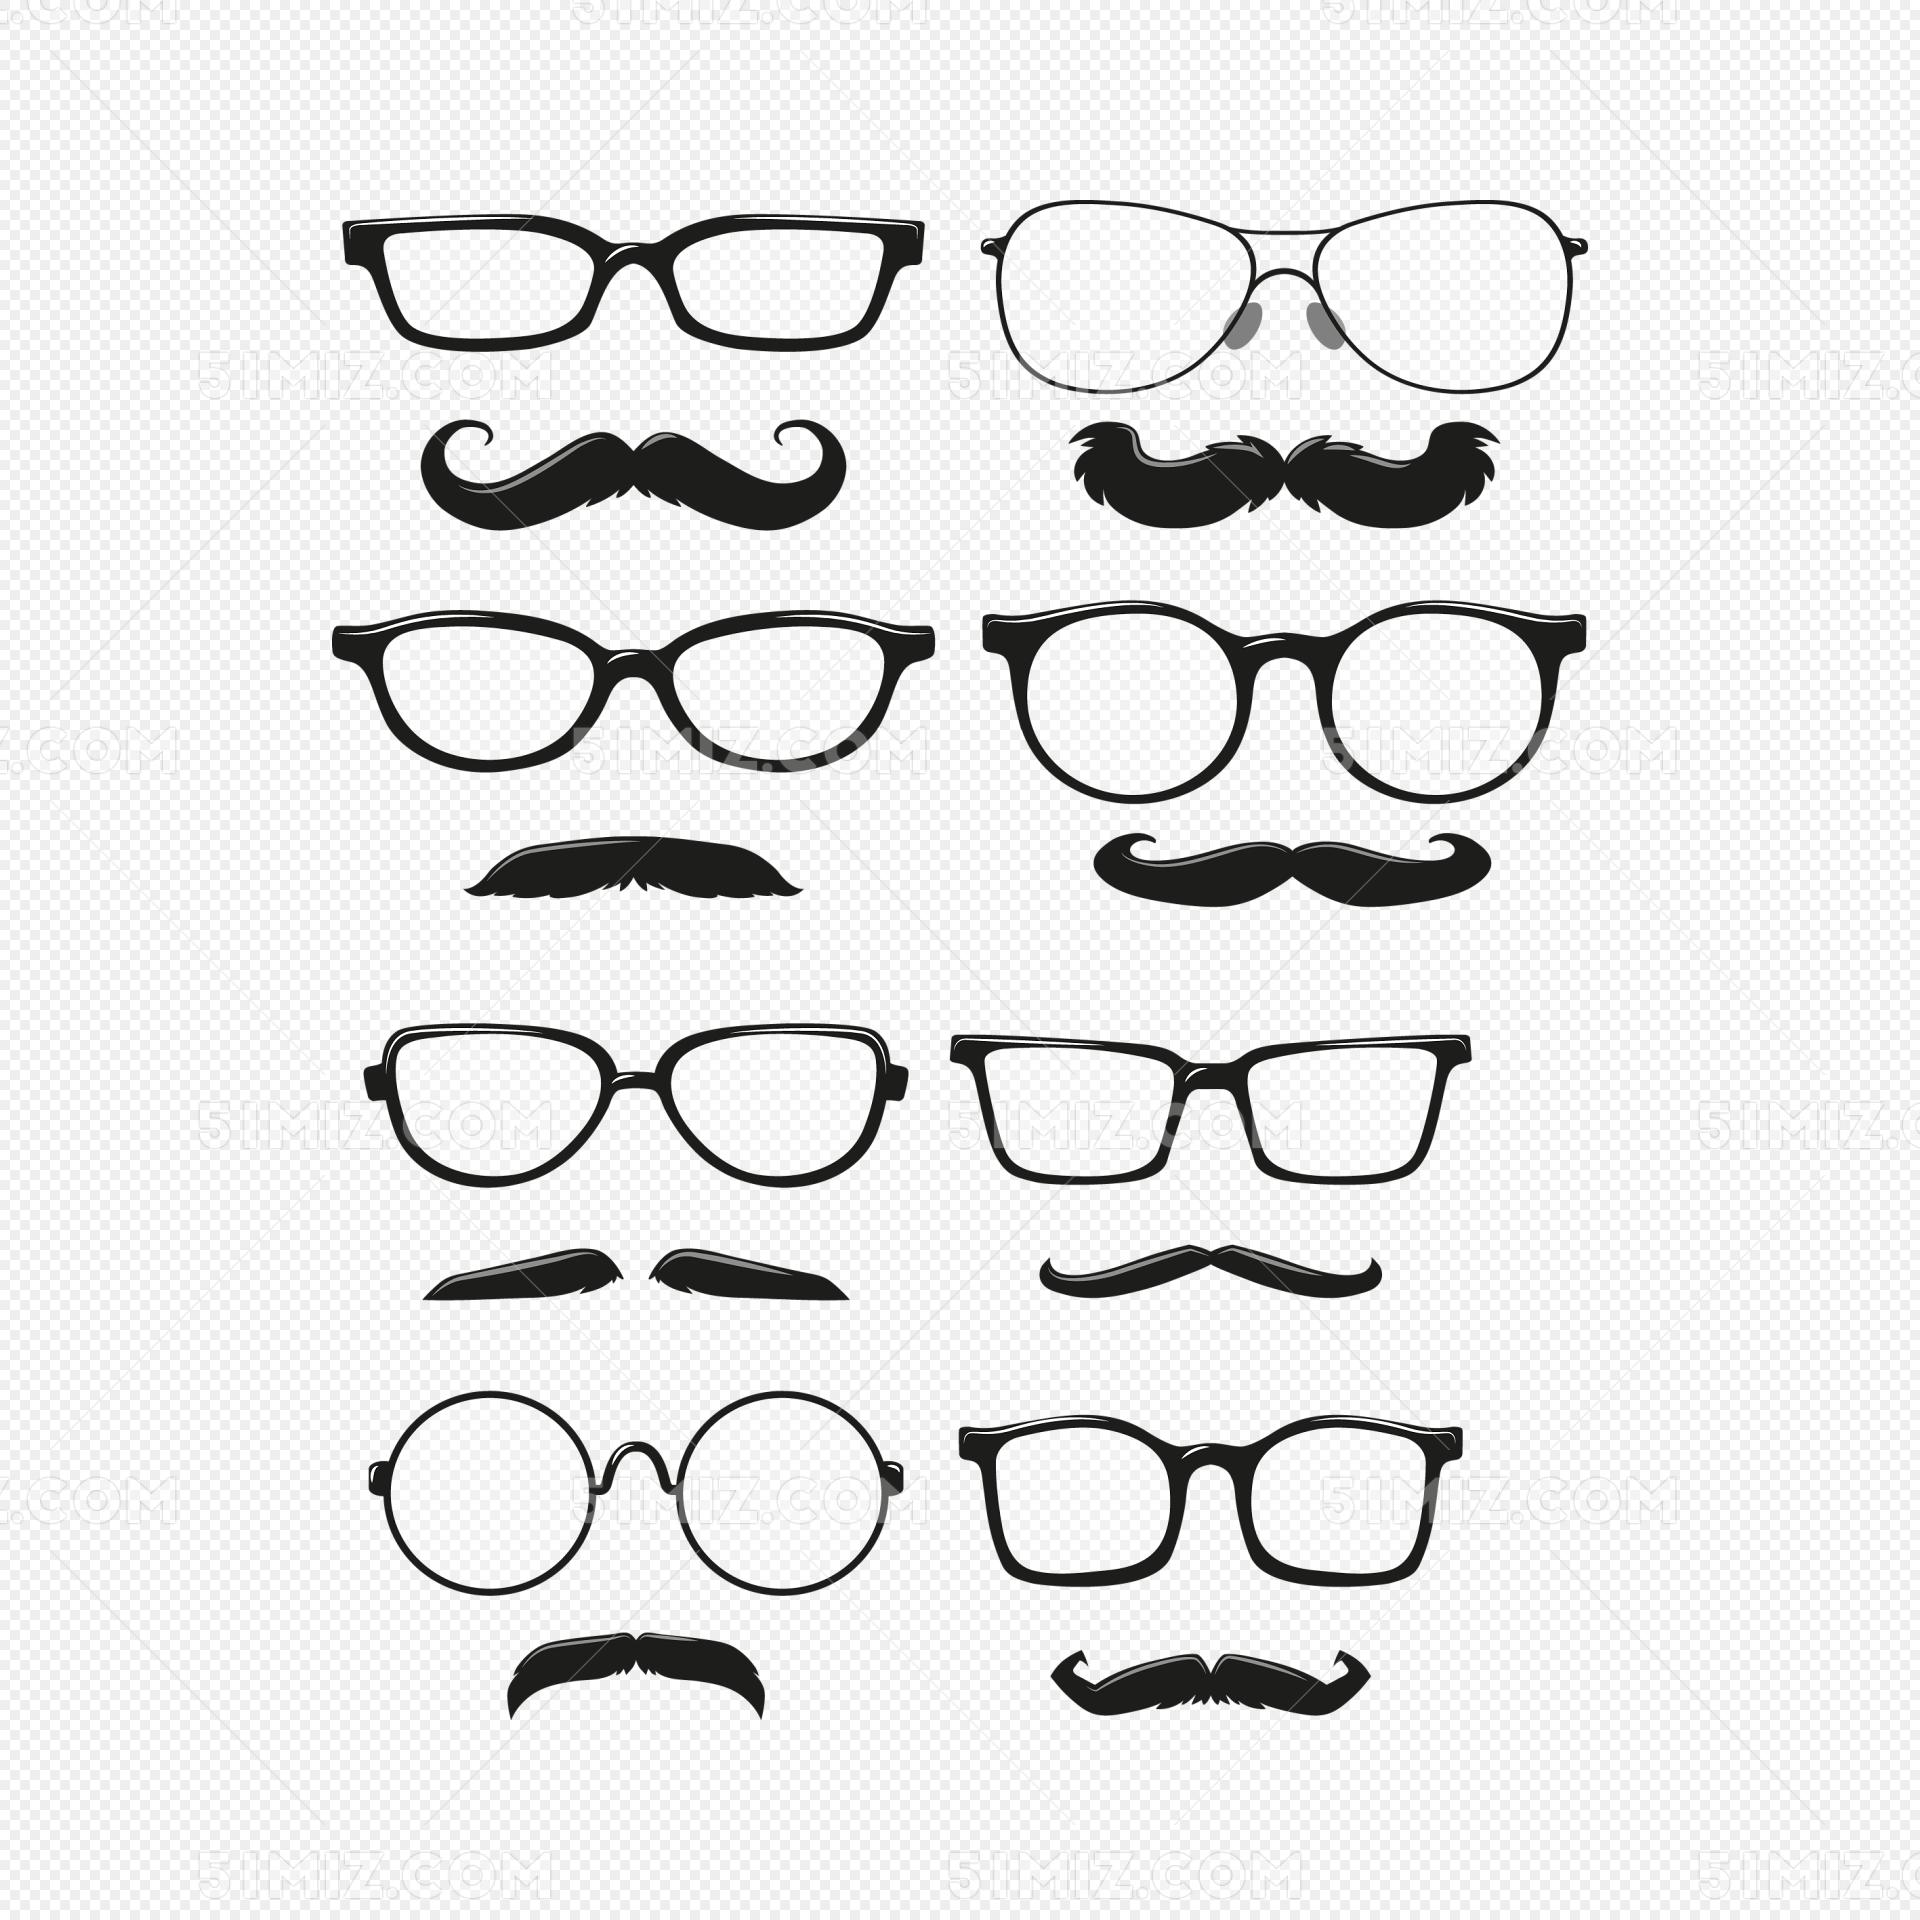 眼镜小孩简笔画